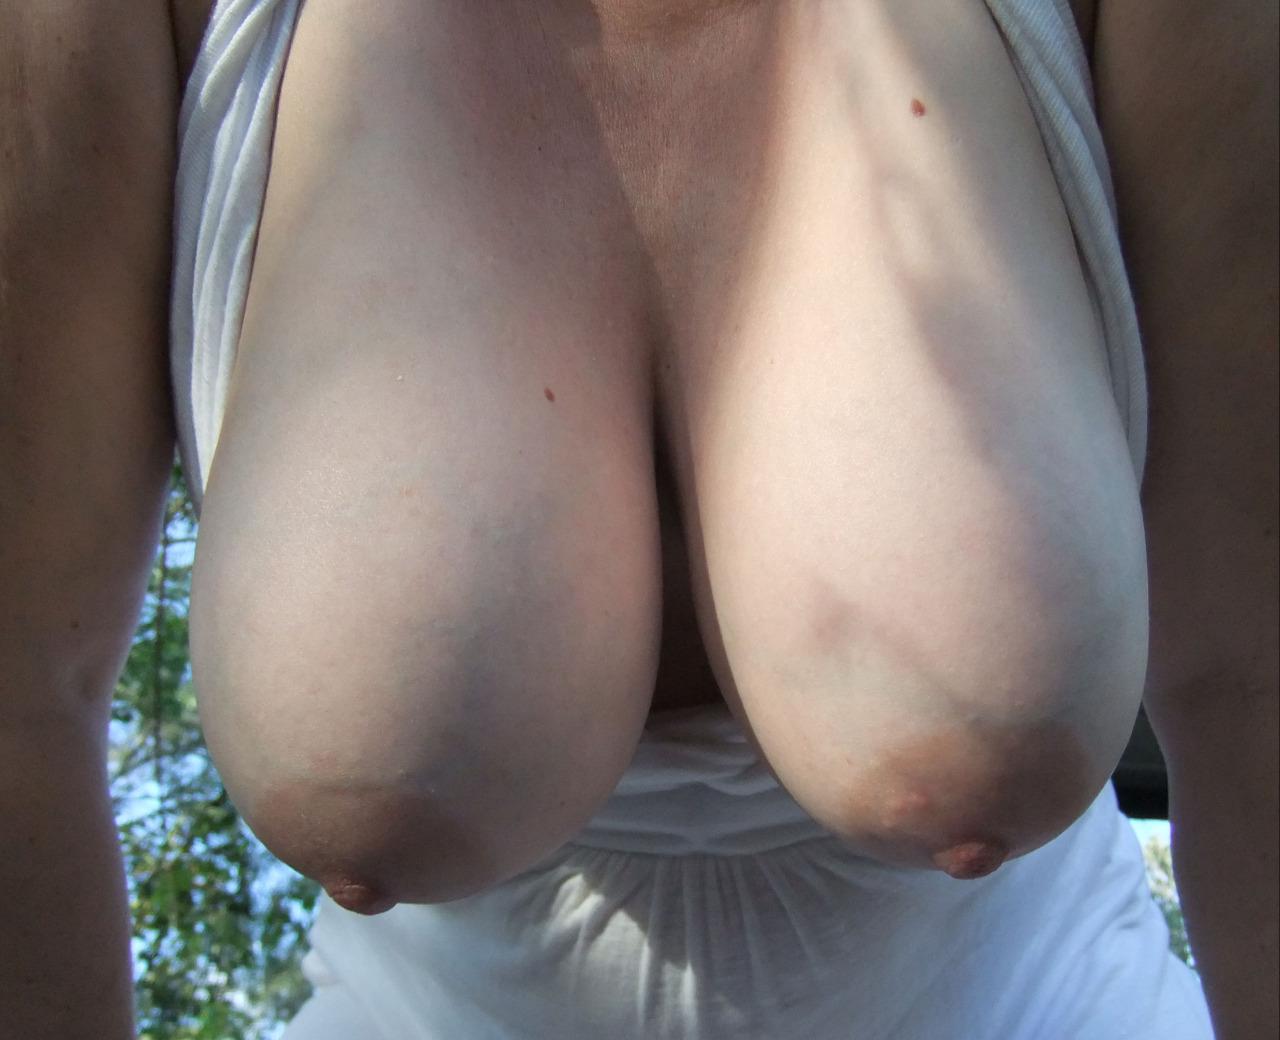 выглядеть большая грудь обвисает фото чрезвычайно